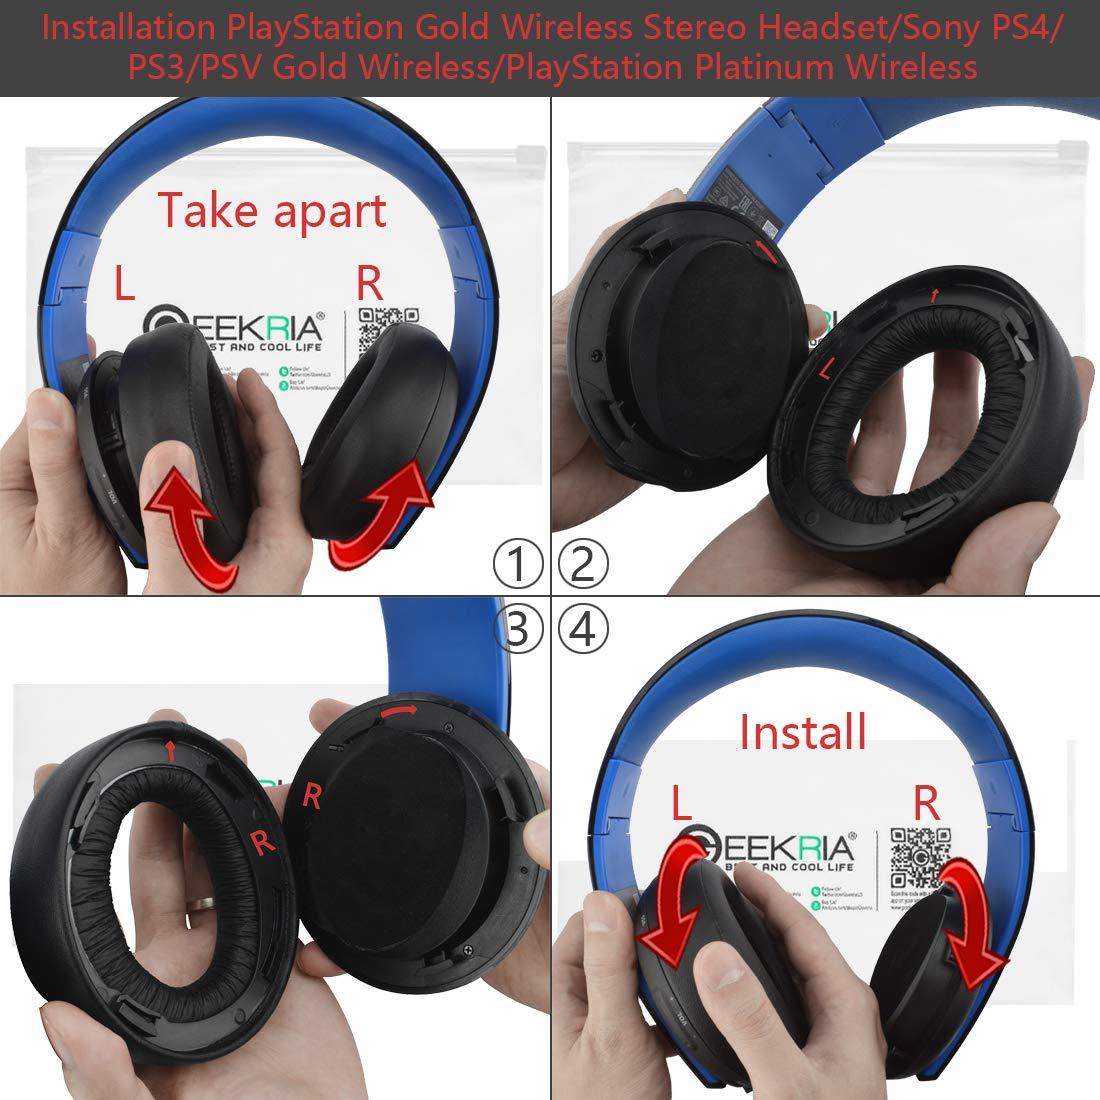 Geekria - Almohadilla de repuesto para auriculares estéreo inalámbricos PlayStation Gold / Sony PS4 / PS3 / PSV de repuesto para auriculares inalámbricos de ...